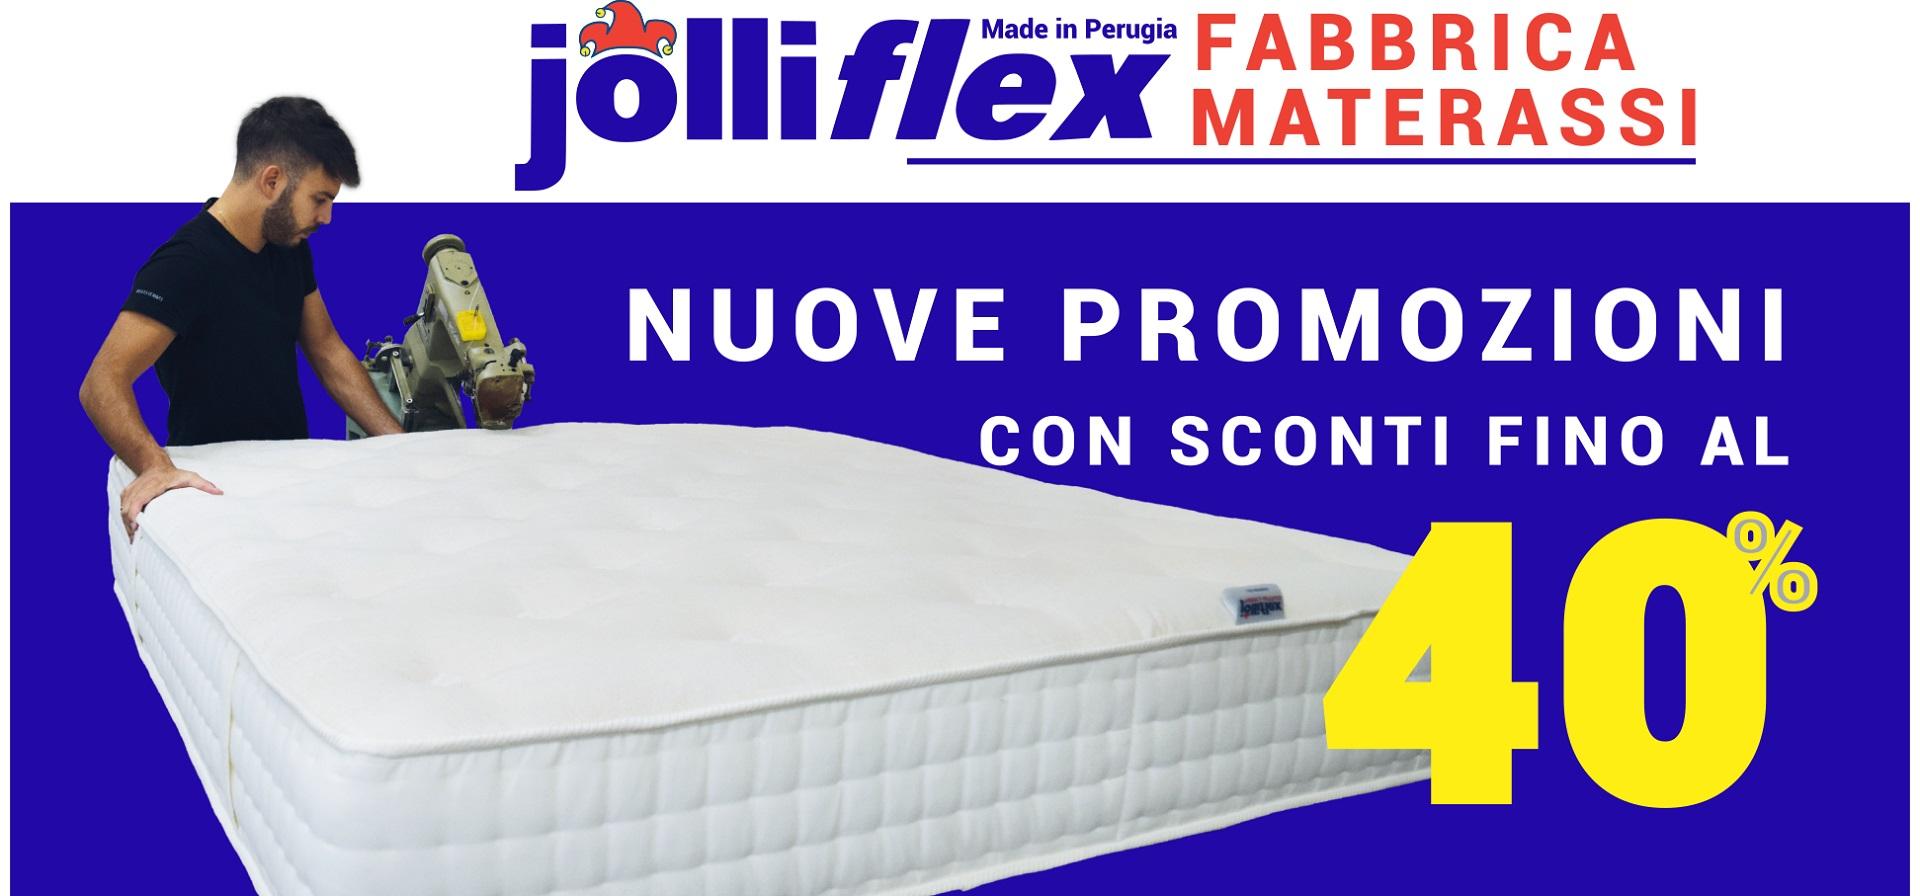 Materassi Ponte San Giovanni.Materassi Perugia Jolliflex Fabbrica Con Vendita Diretta